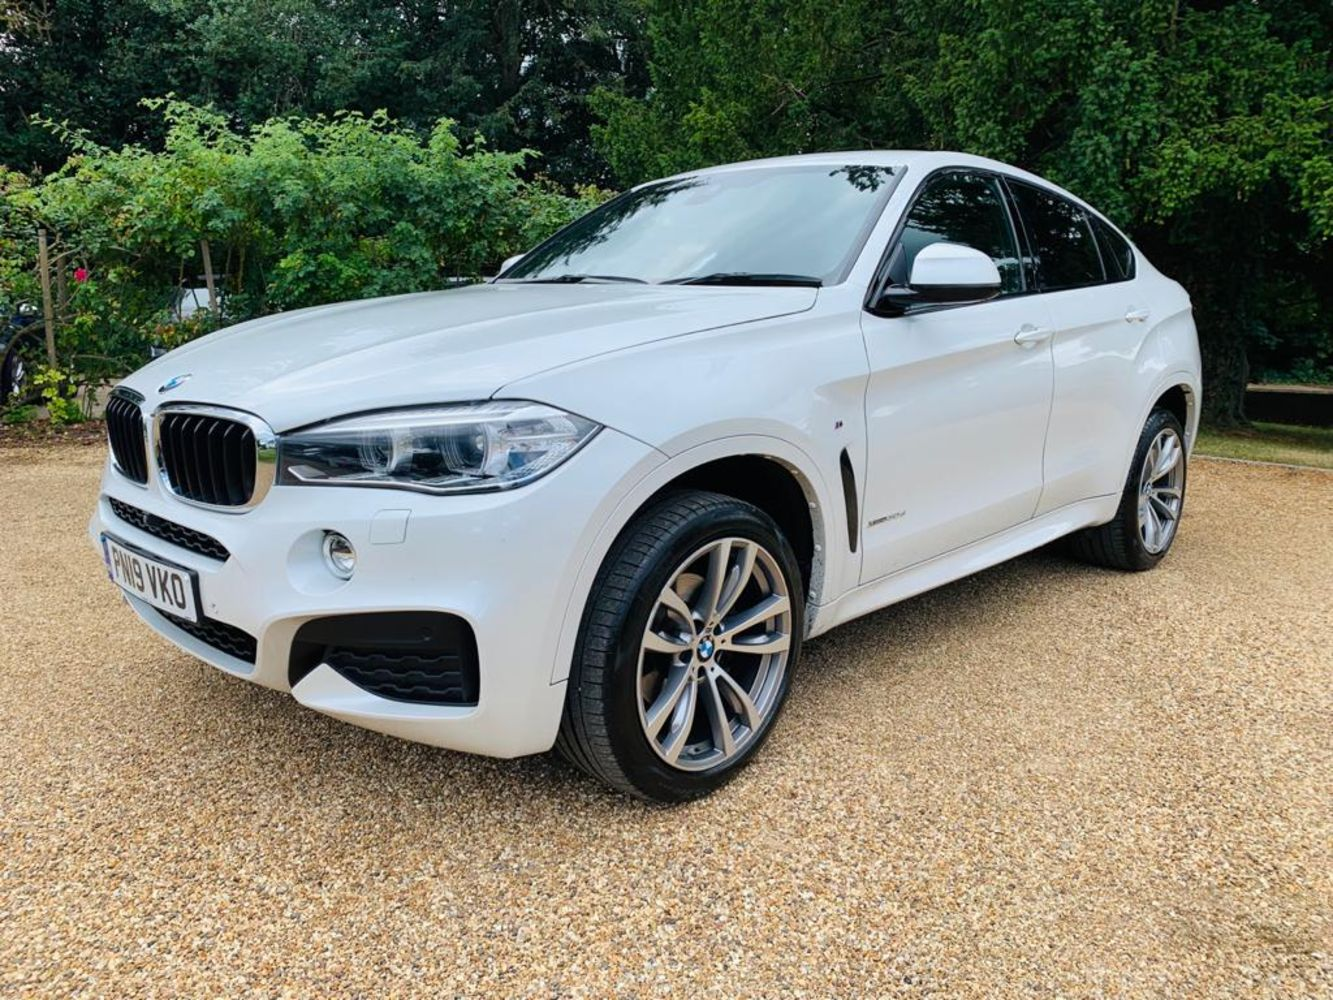 BMW X6 xDrive30d M Sport Step Auto 2019 19 Reg - Fleet Vehicle Disposal